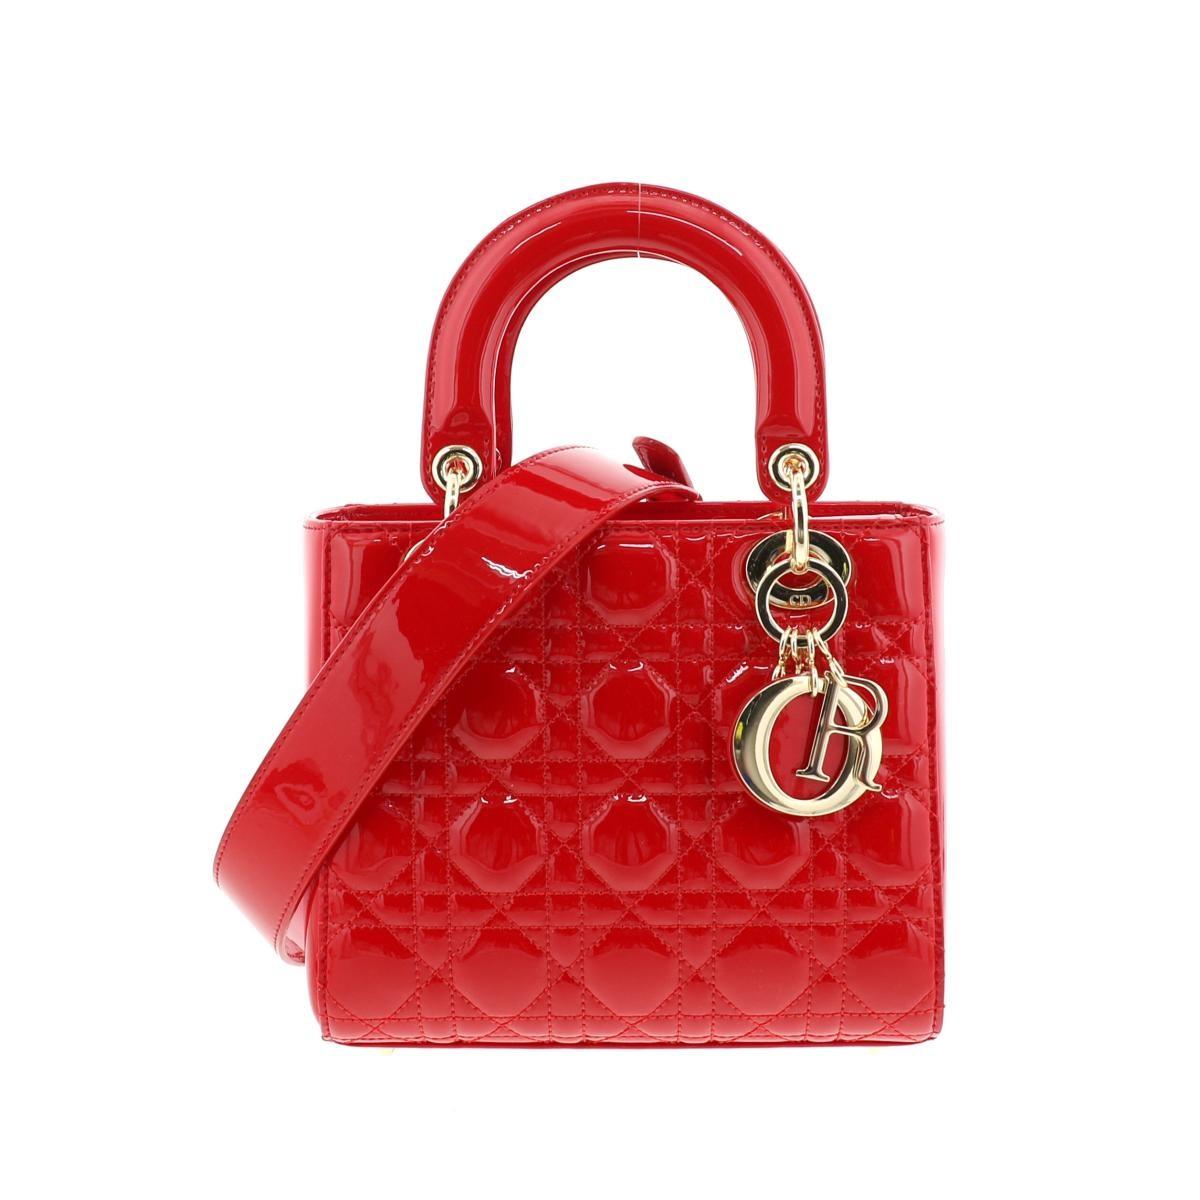 即日発送・水曜定休日・木曜発送 極上品 RI Christian Dior クリスチャンディオール  ショルダーバッグ M0531O レッド  レディディオール